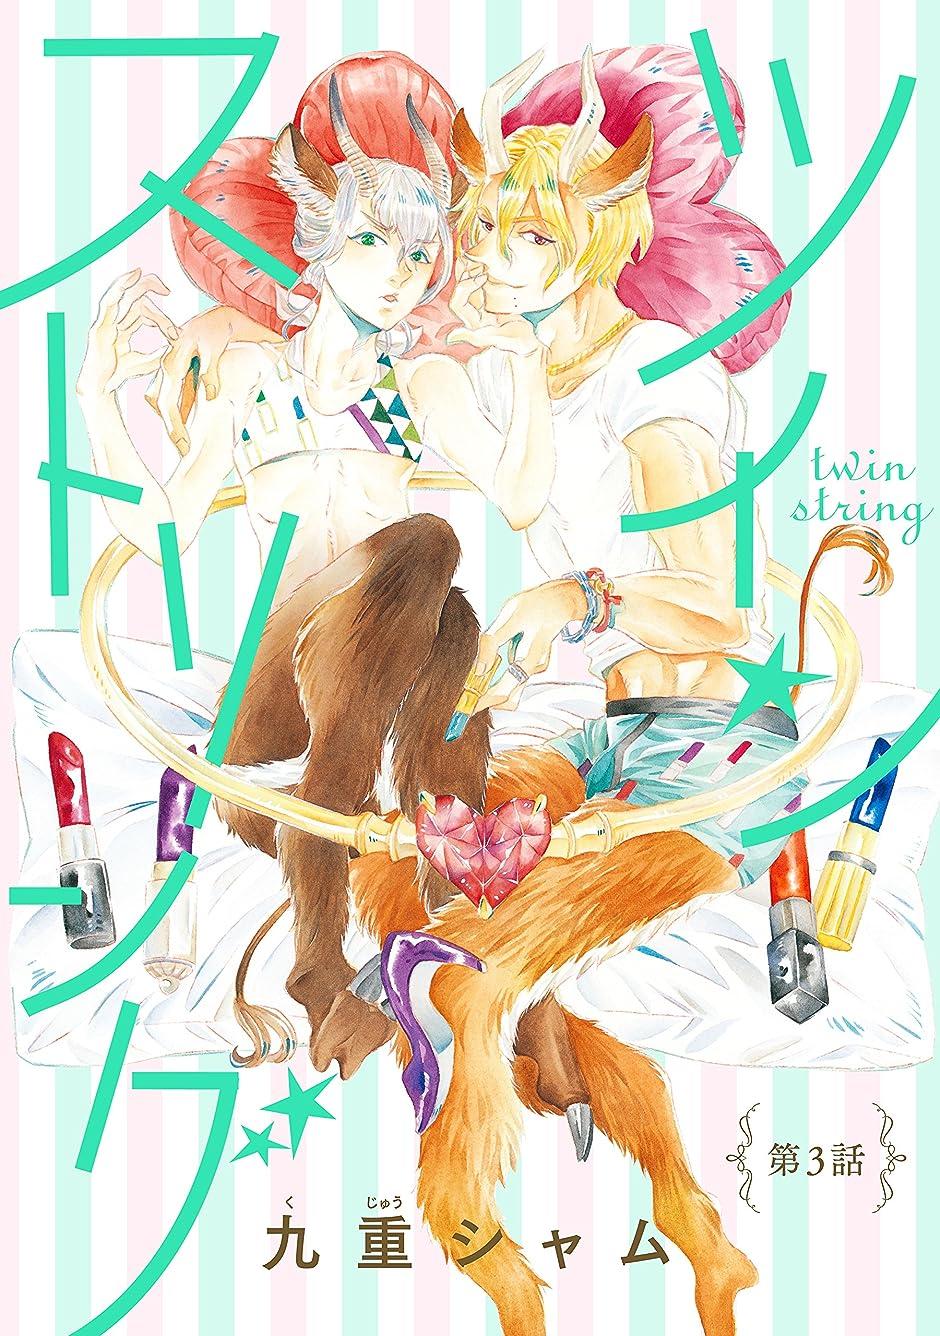 倉庫お幹ツインストリング 分冊版 : 3 (コミックマージナル)